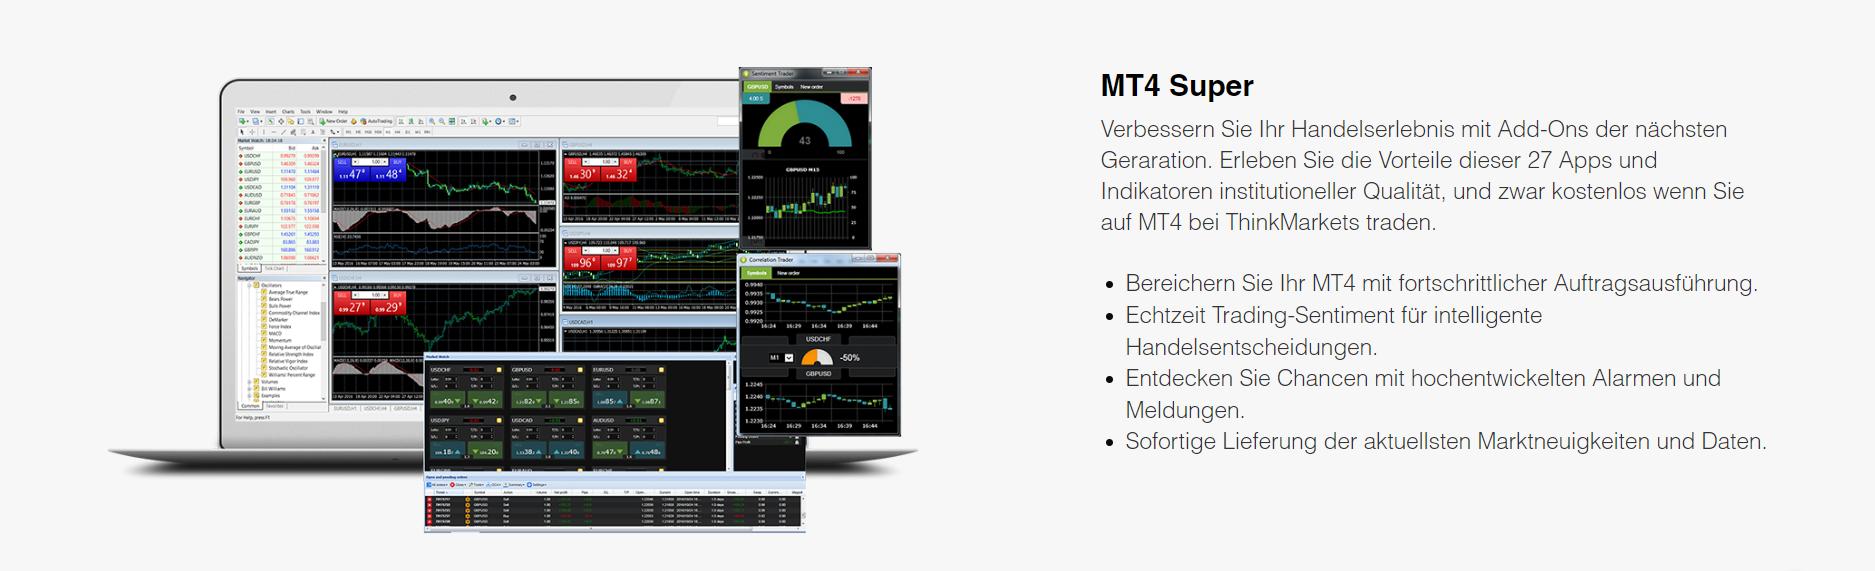 ThinkMarkets bietet den MT4 Super an